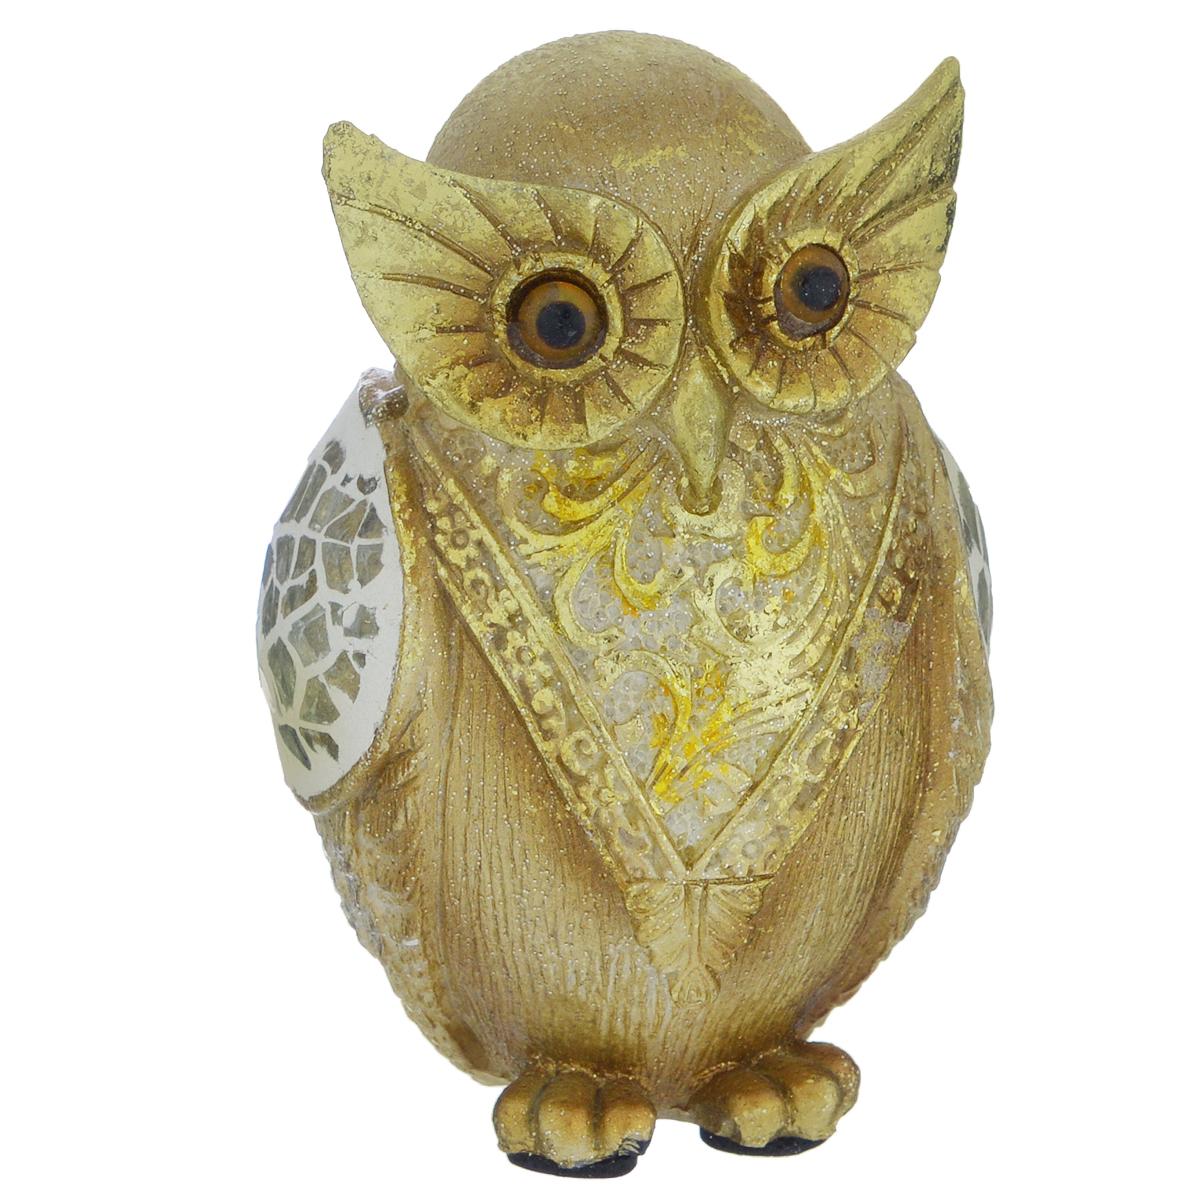 """Декоративная фигурка Molento """"Золотая сова"""", изготовленная из полистоуна, выполнена в виде совы и украшена блестками. Такая фигурка станет отличным дополнением к интерьеру.Вы можете поставить фигурку в любом месте, где она будет удачно смотреться, и радовать глаз. Кроме того, фигурка """"Золотая сова"""" станет чудесным сувениром для ваших друзей и близких. Размер фигурки: 5,5 см х 5 см х 8,5 см."""